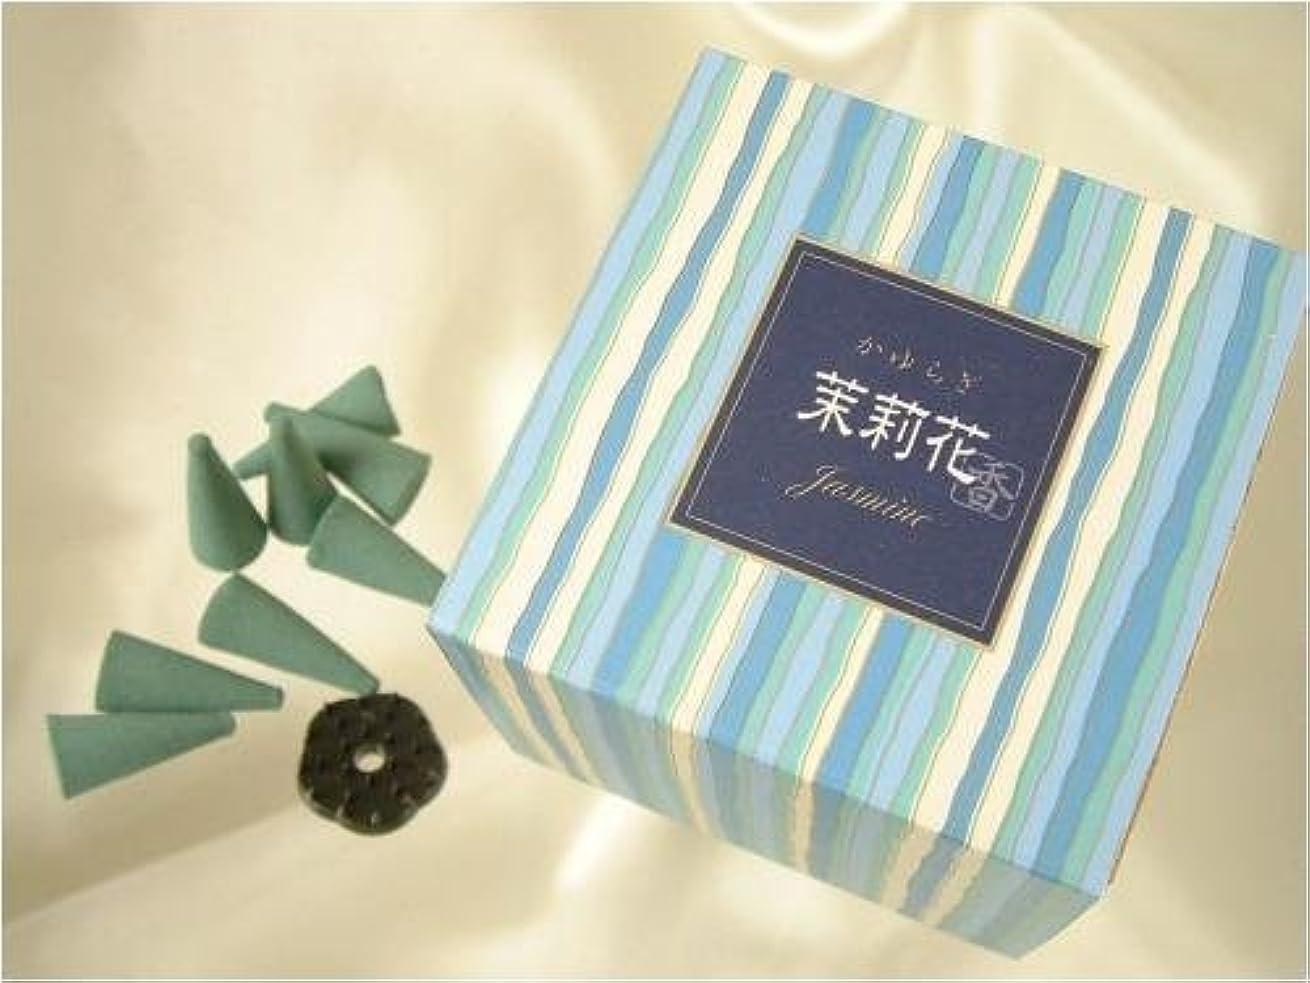 レモン精神医学宴会かゆらぎ 茉莉花(まつりか) コーン12個入 香立付